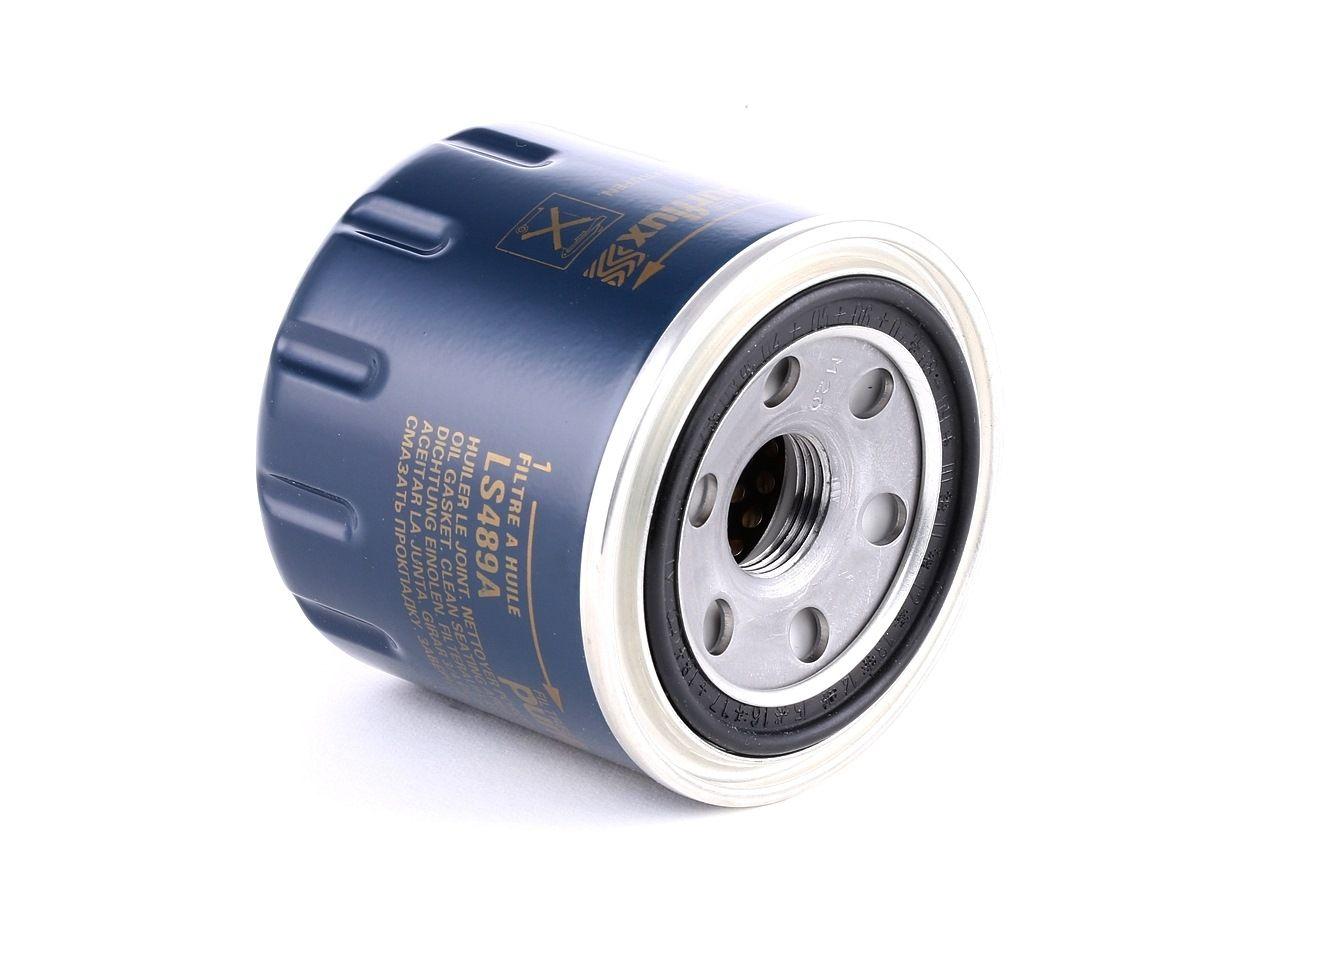 Pieces d'origine: Filtre à huile PURFLUX LS489A (Ø: 76mm, Hauteur: 74mm) - Achetez tout de suite!